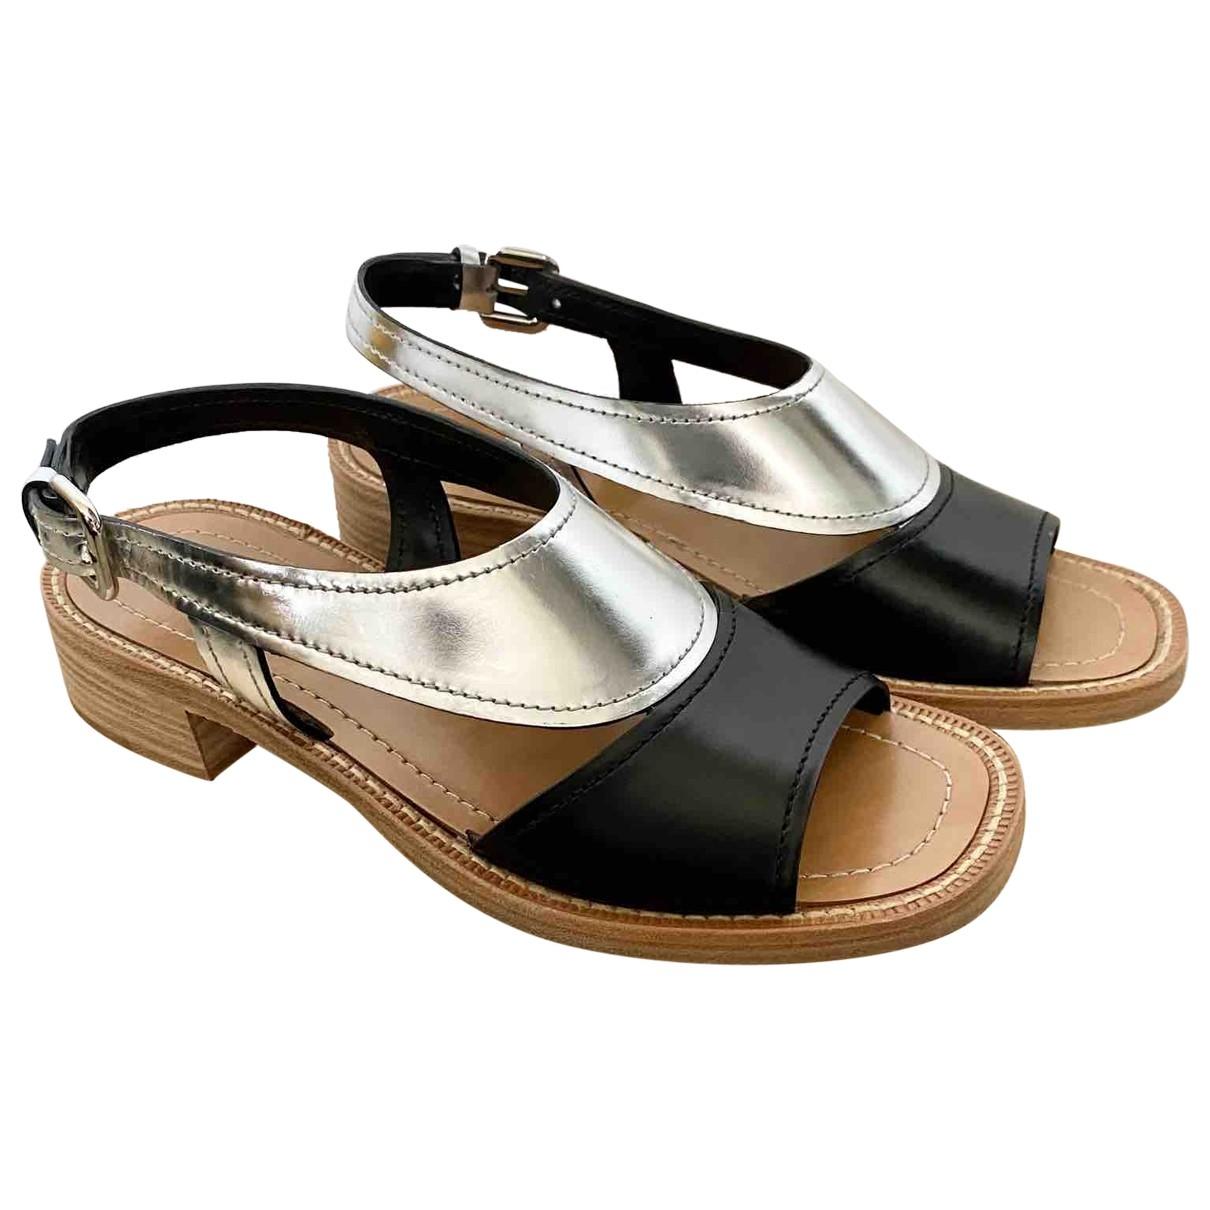 Prada \N Silver Leather Sandals for Women 37 EU